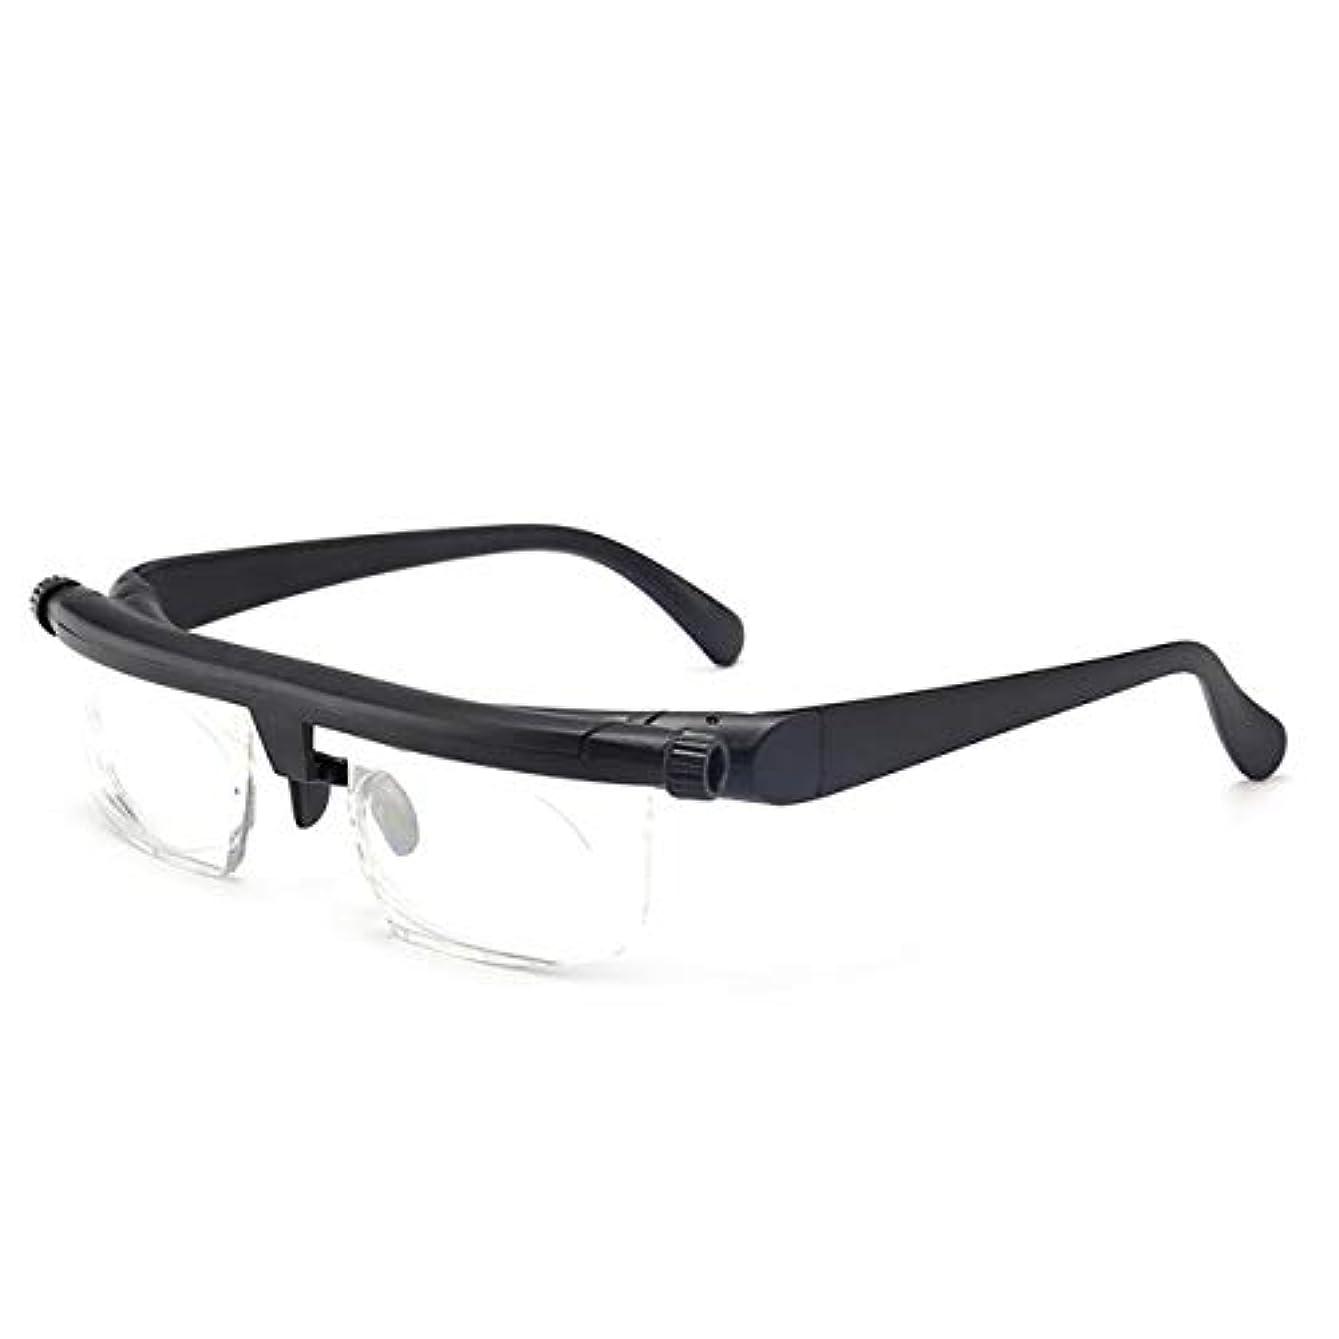 先住民外科医支給軽量調節可能な老眼鏡近視眼鏡-6D?+ 3Dジオプトリー可変強度フォーカスビジョンを拡大(カラー:ブラック&クリア)